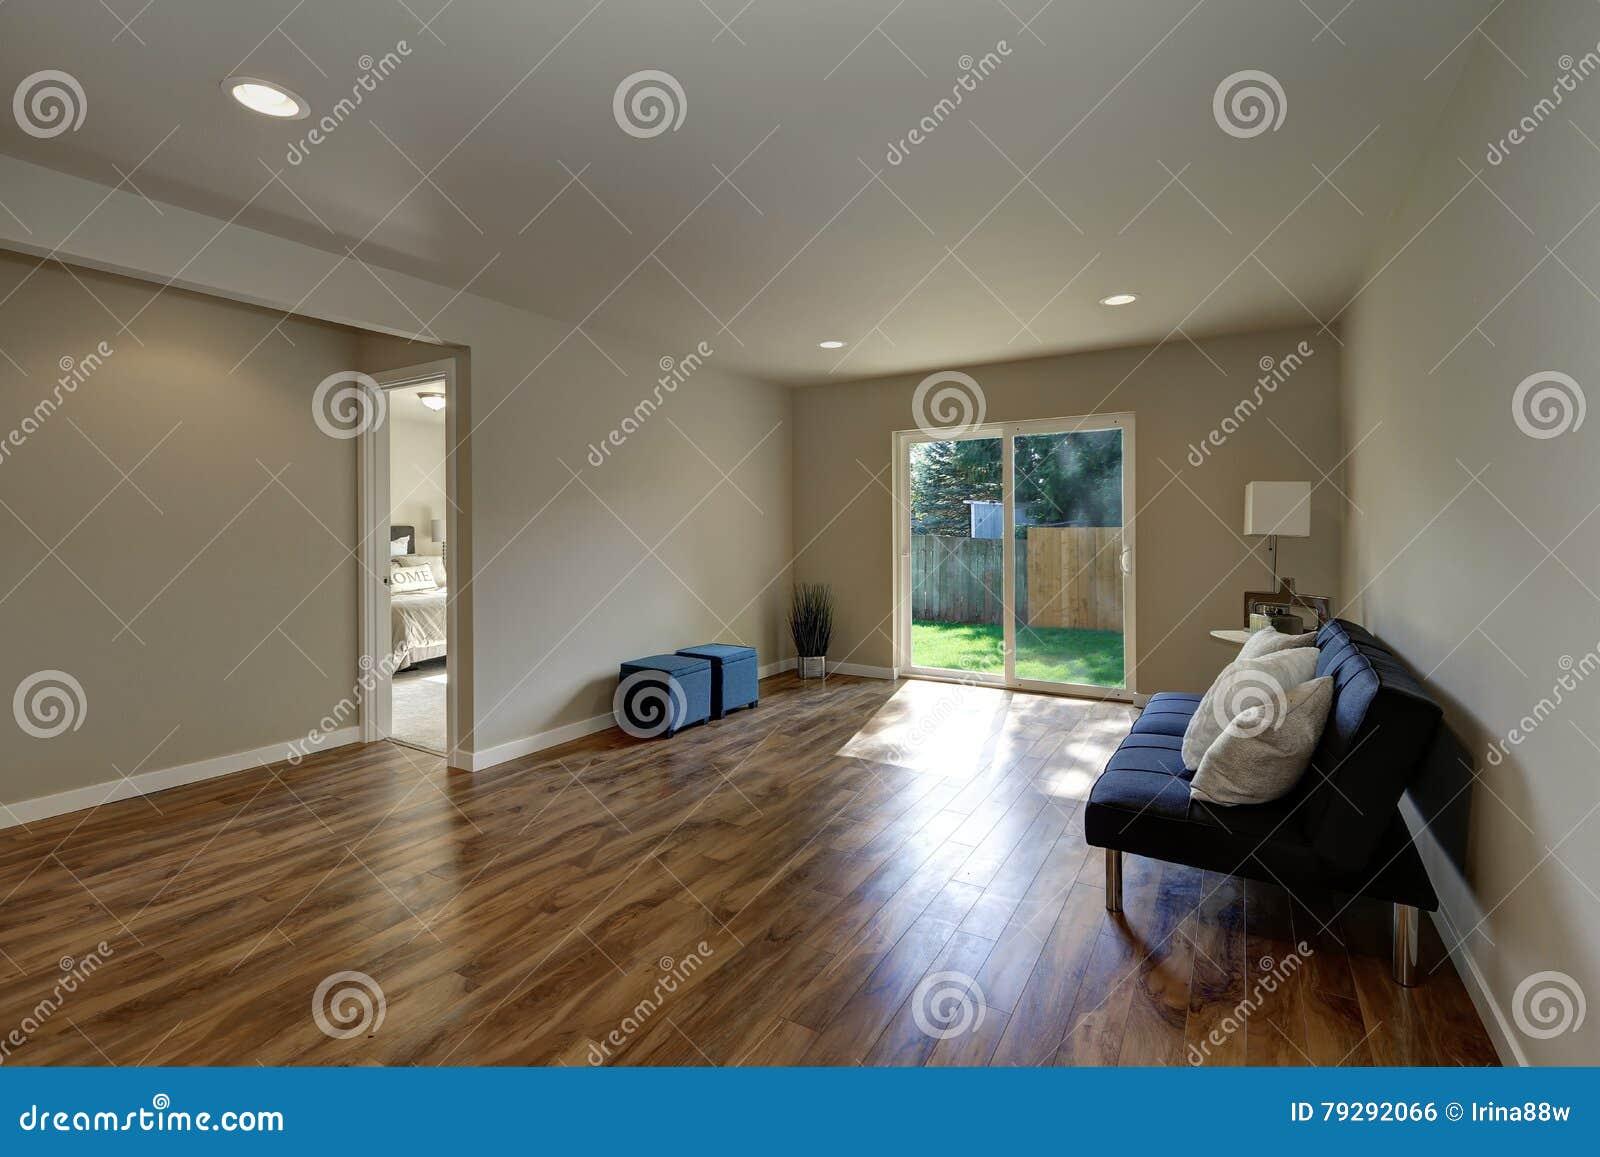 Empty Room Downstairs With Hardwood Floor And Glass Door Stock Photo